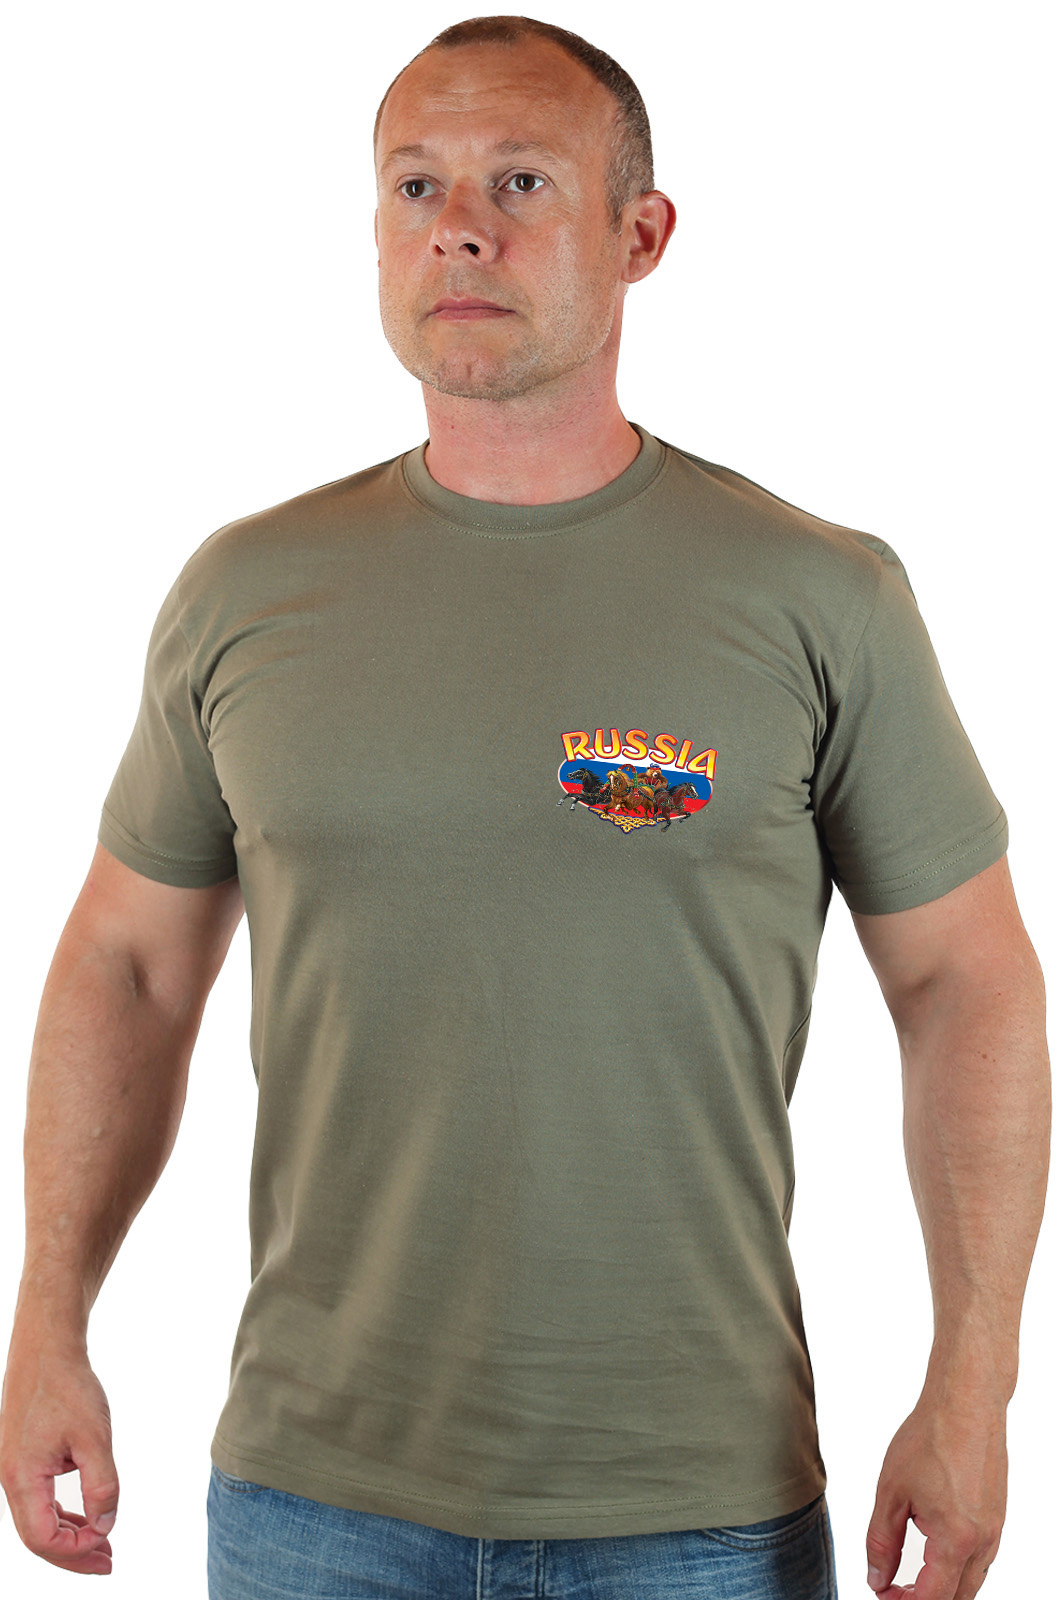 Футболки с военными принтами по цене производителя